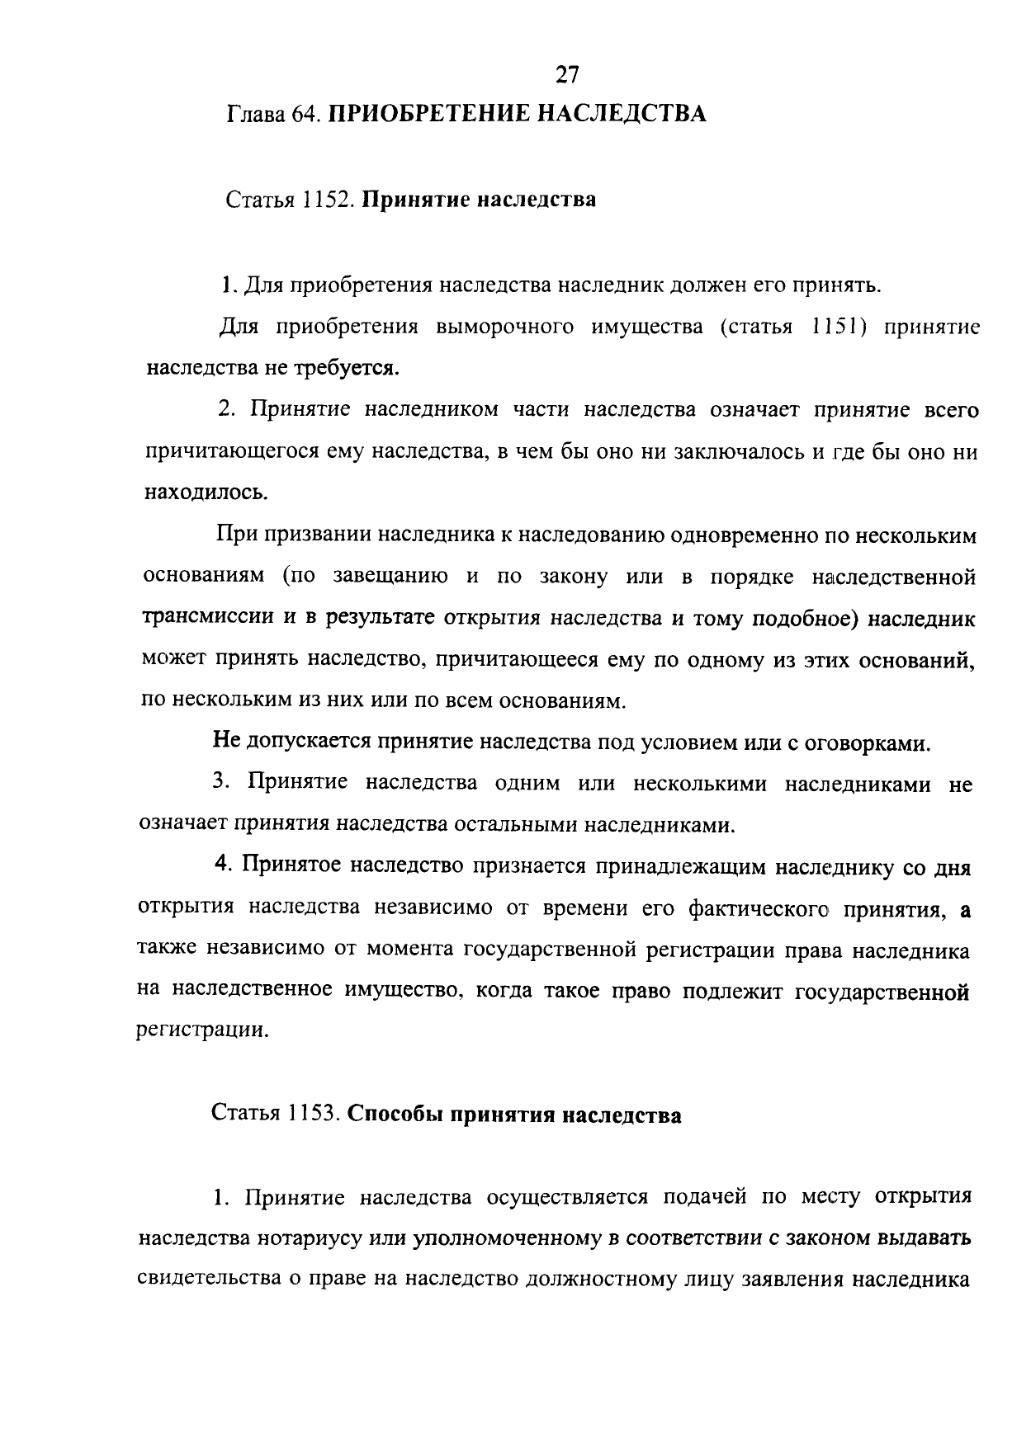 Увольнение в порядке перевода при реорганизации